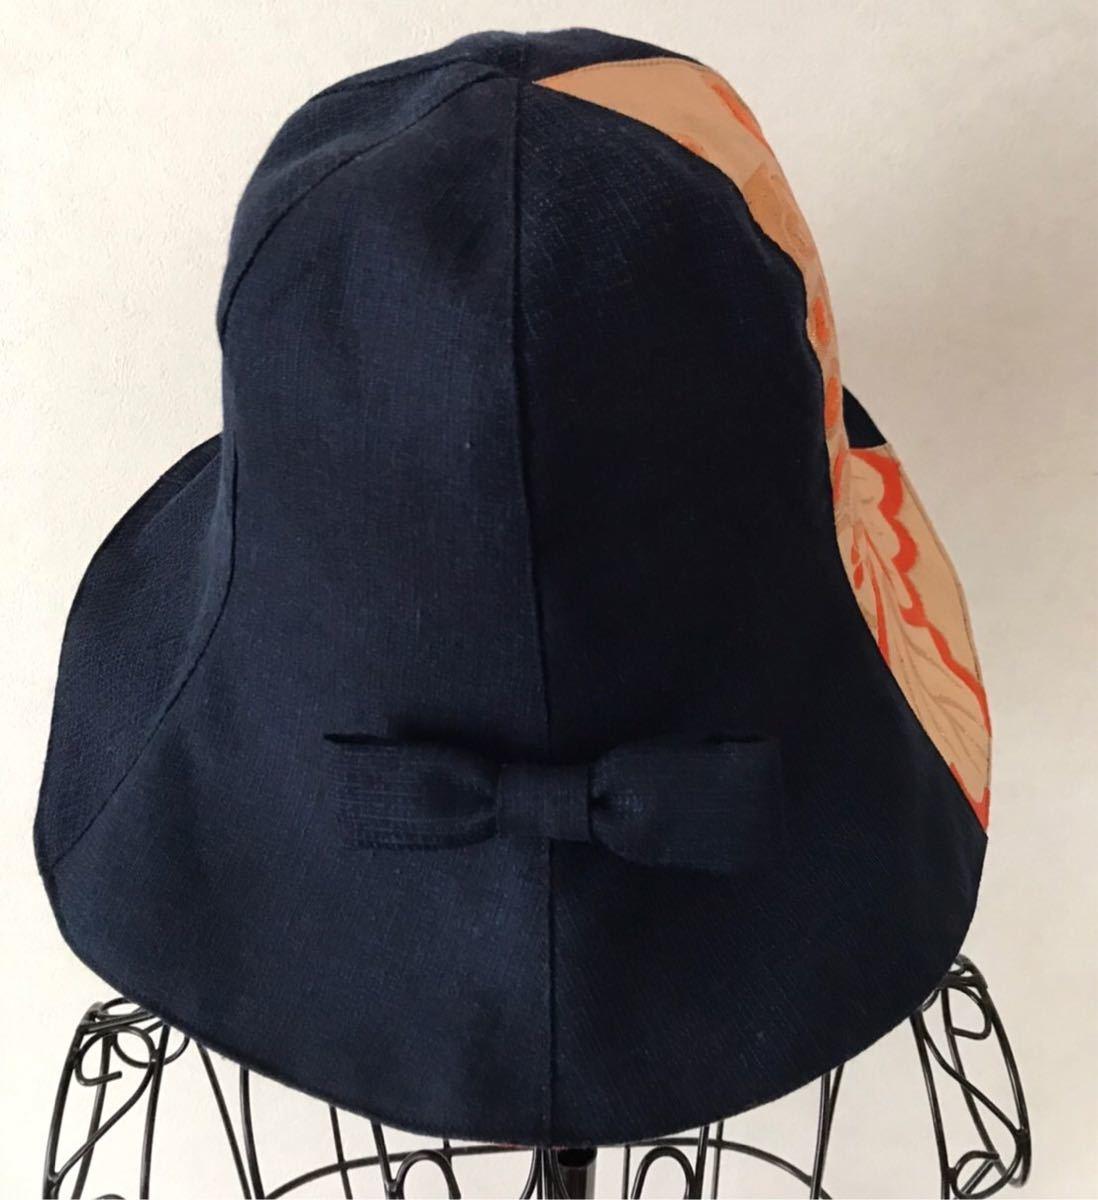 ハンドメイド ハンドメイド帽子 帽子 着物リメイク リメイク 着物 帯 折りたたみ可